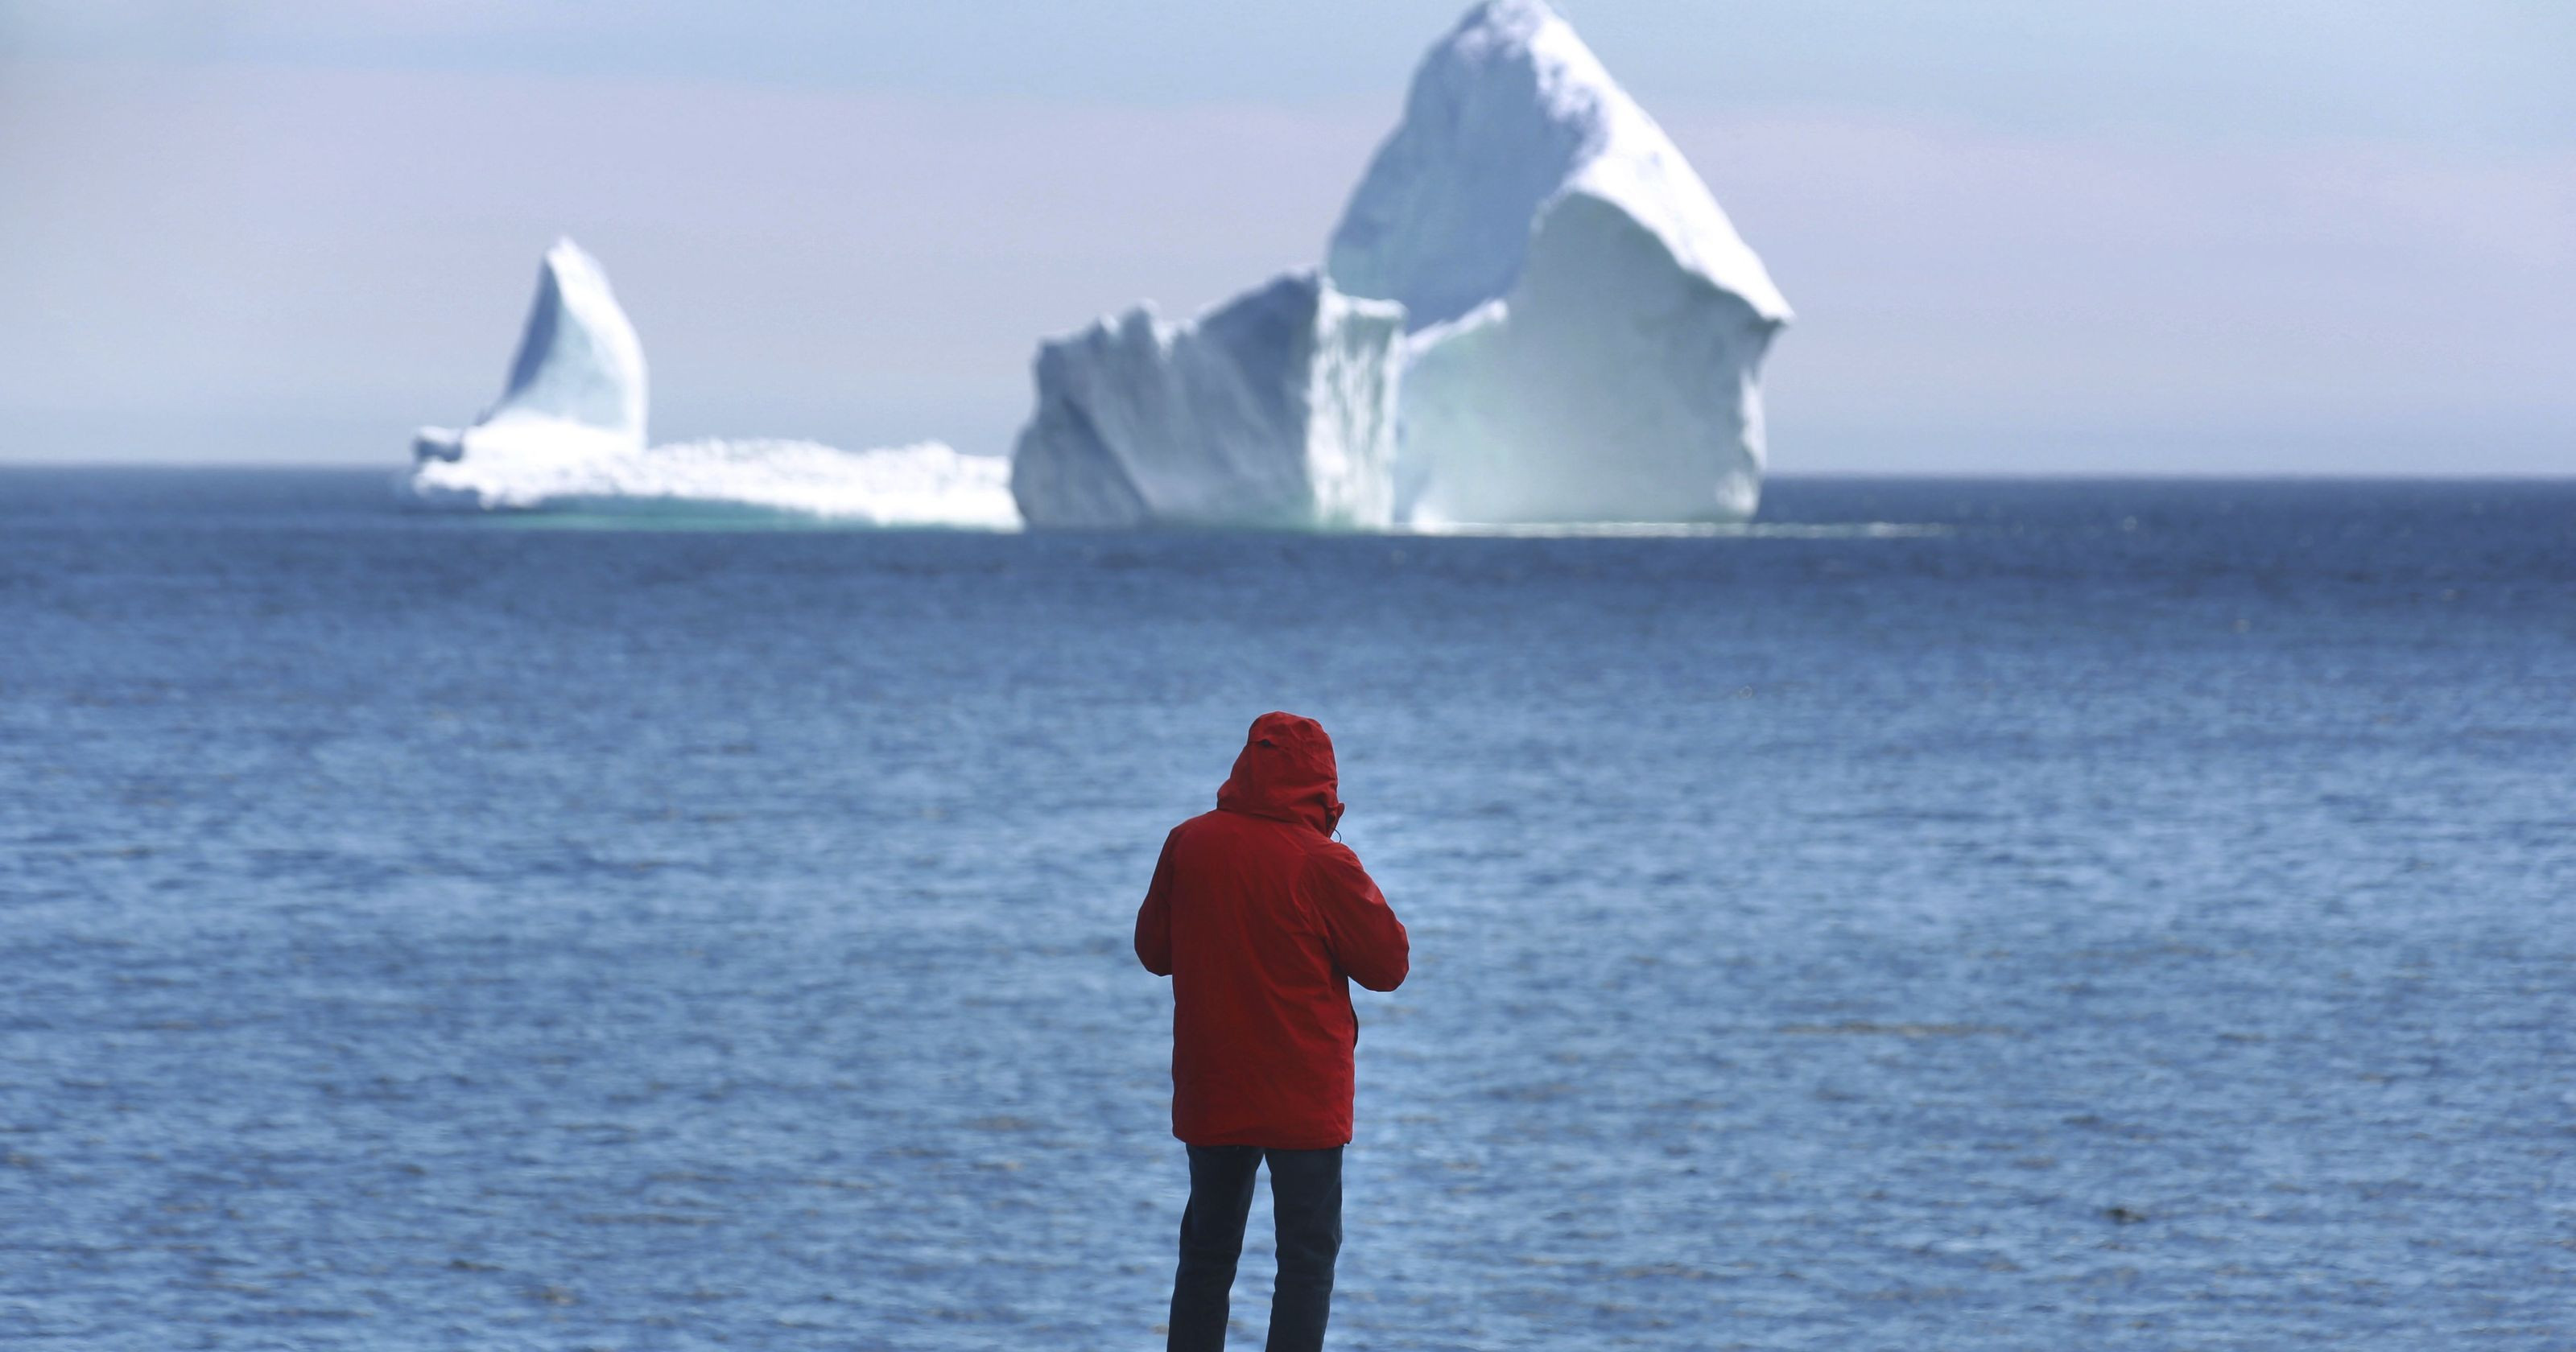 Гигантский айсберг А-68 весом 1 триллион тонн откололся от Антарктиды: ледник Ларсен-С стал еще меньше - удивительные кадры со спутника